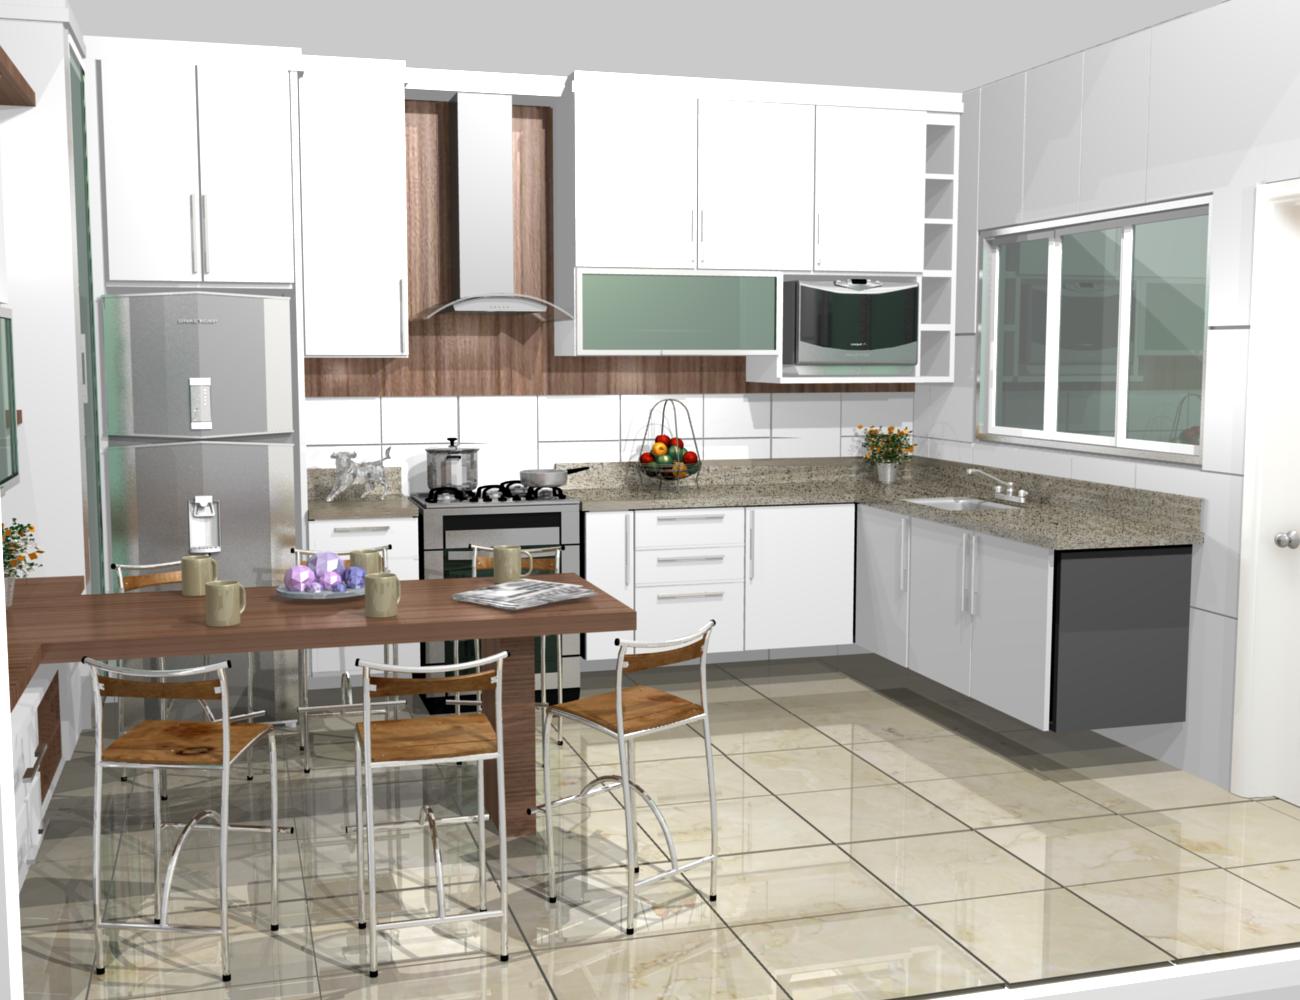 cozinha planejadas pequenas decorada americana modulada luxo moderna   #654C3B 1300 1000